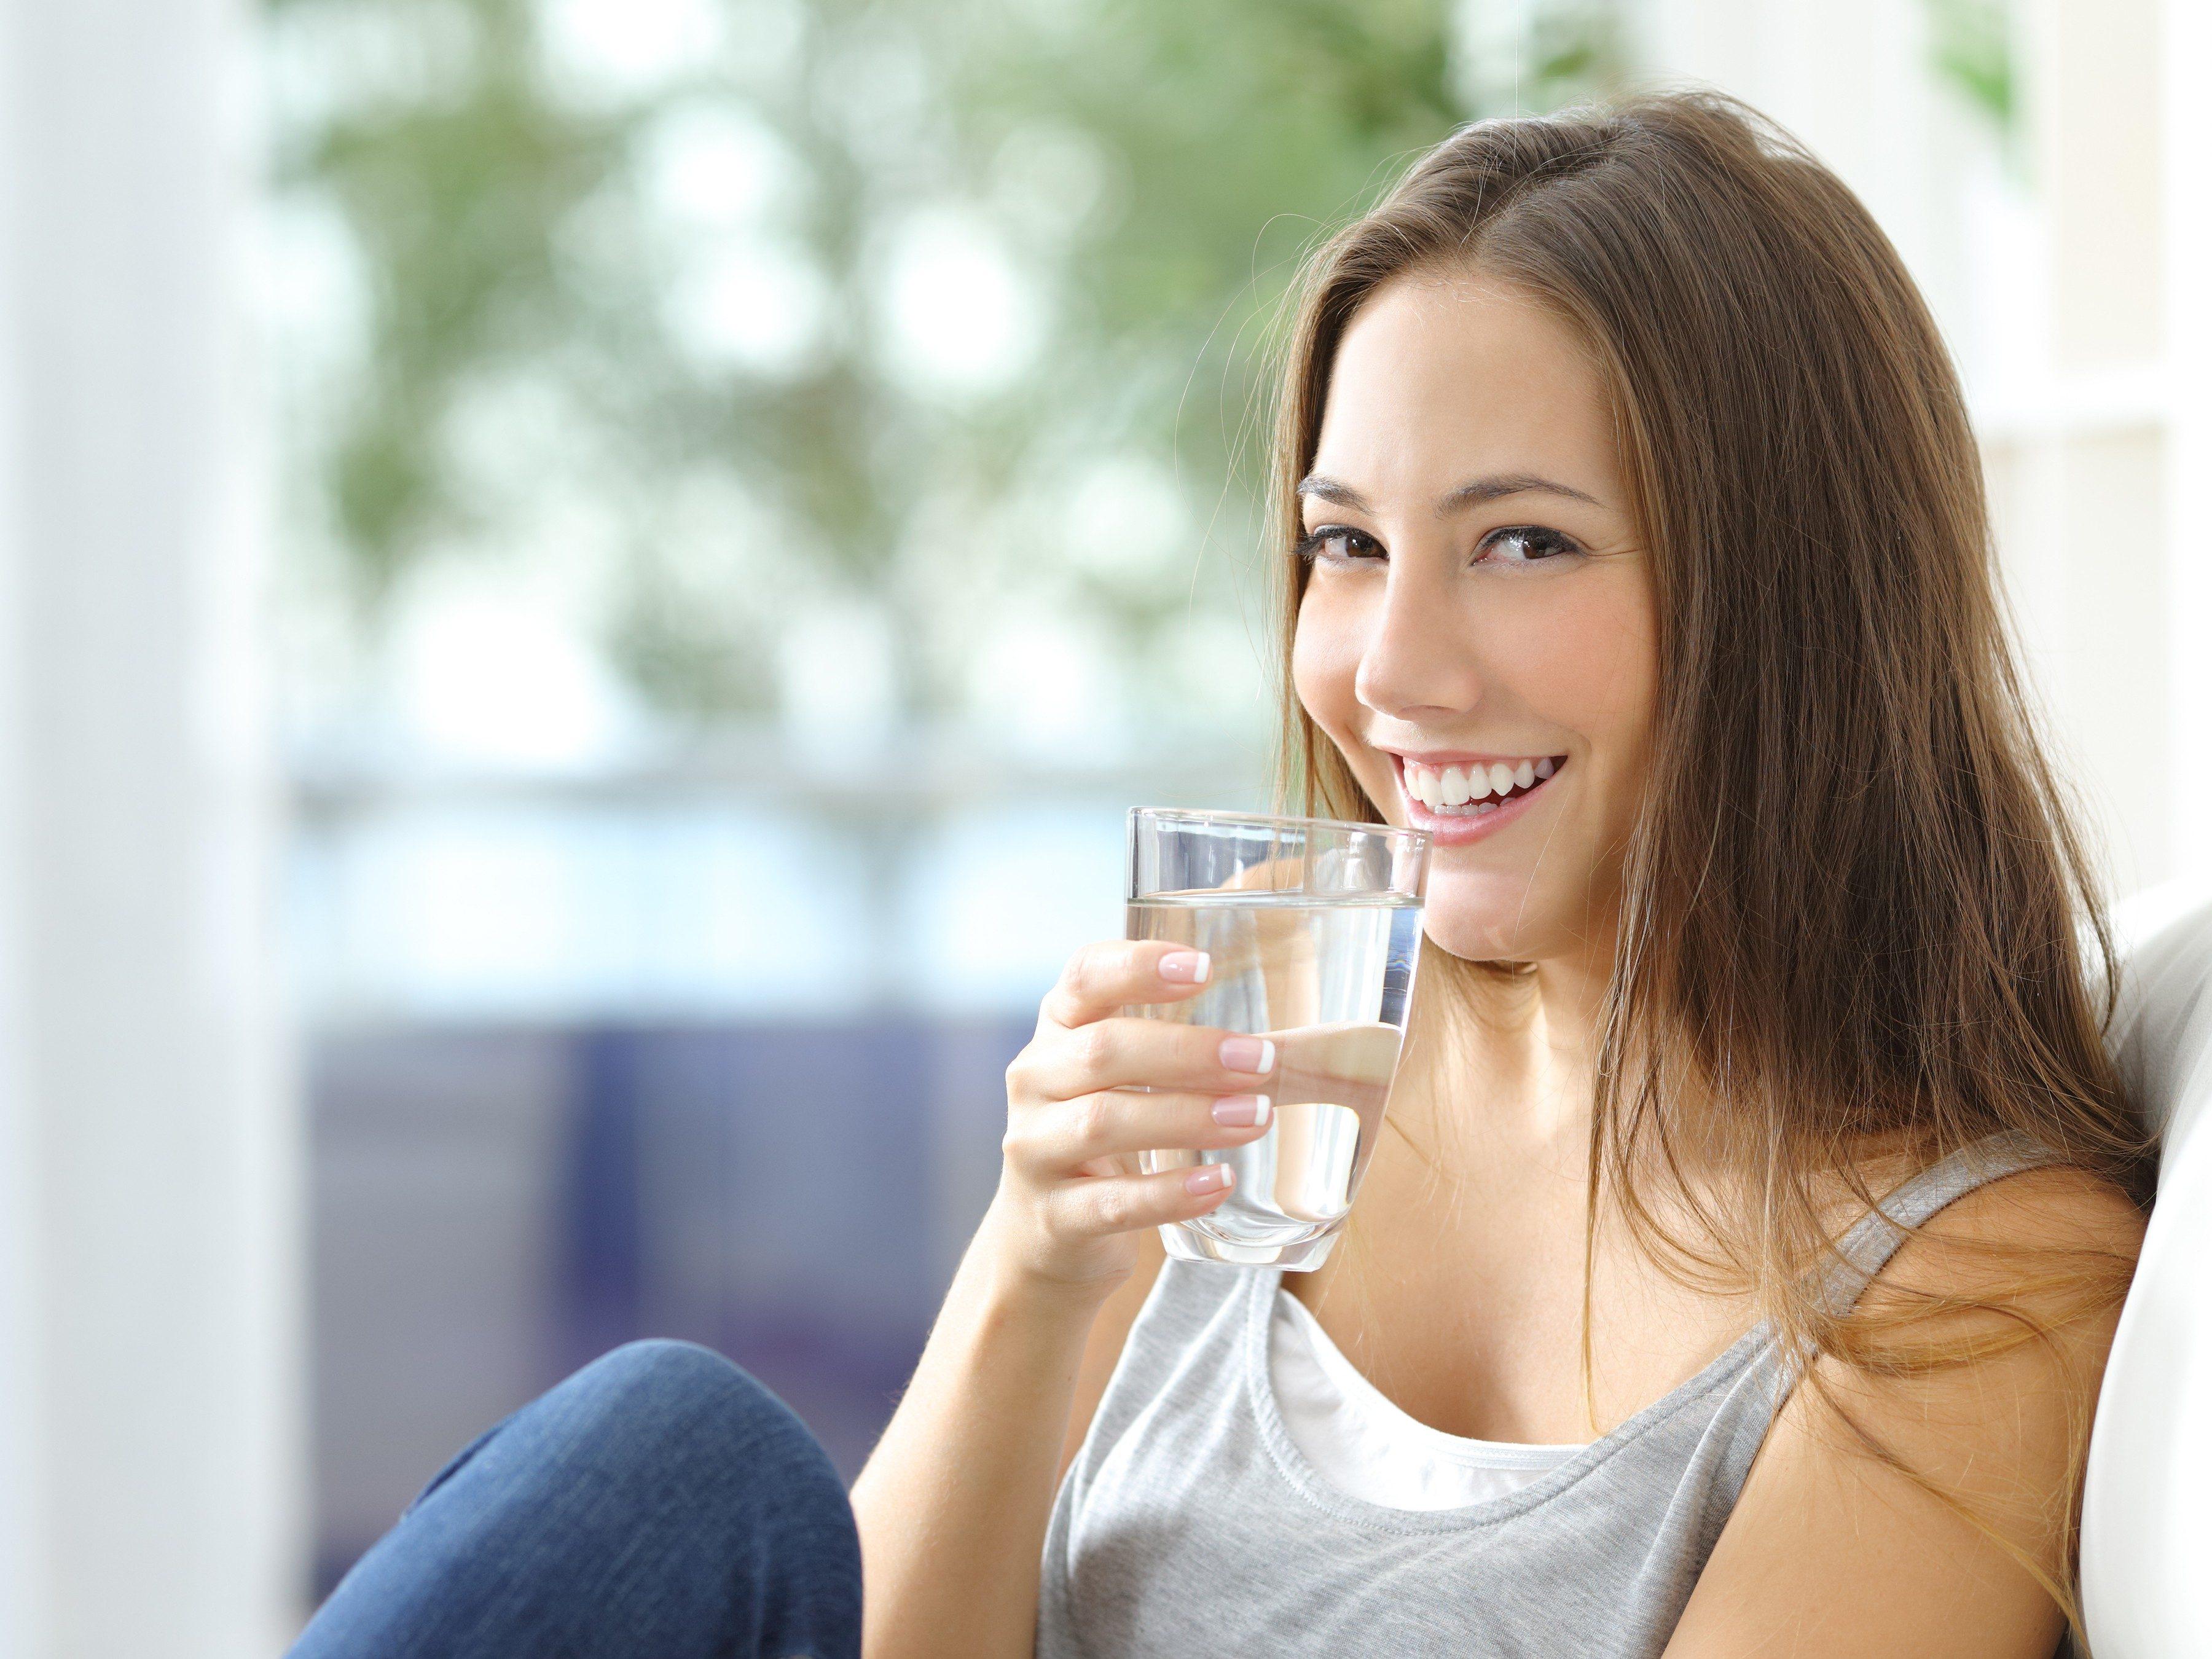 1. Sip a drink